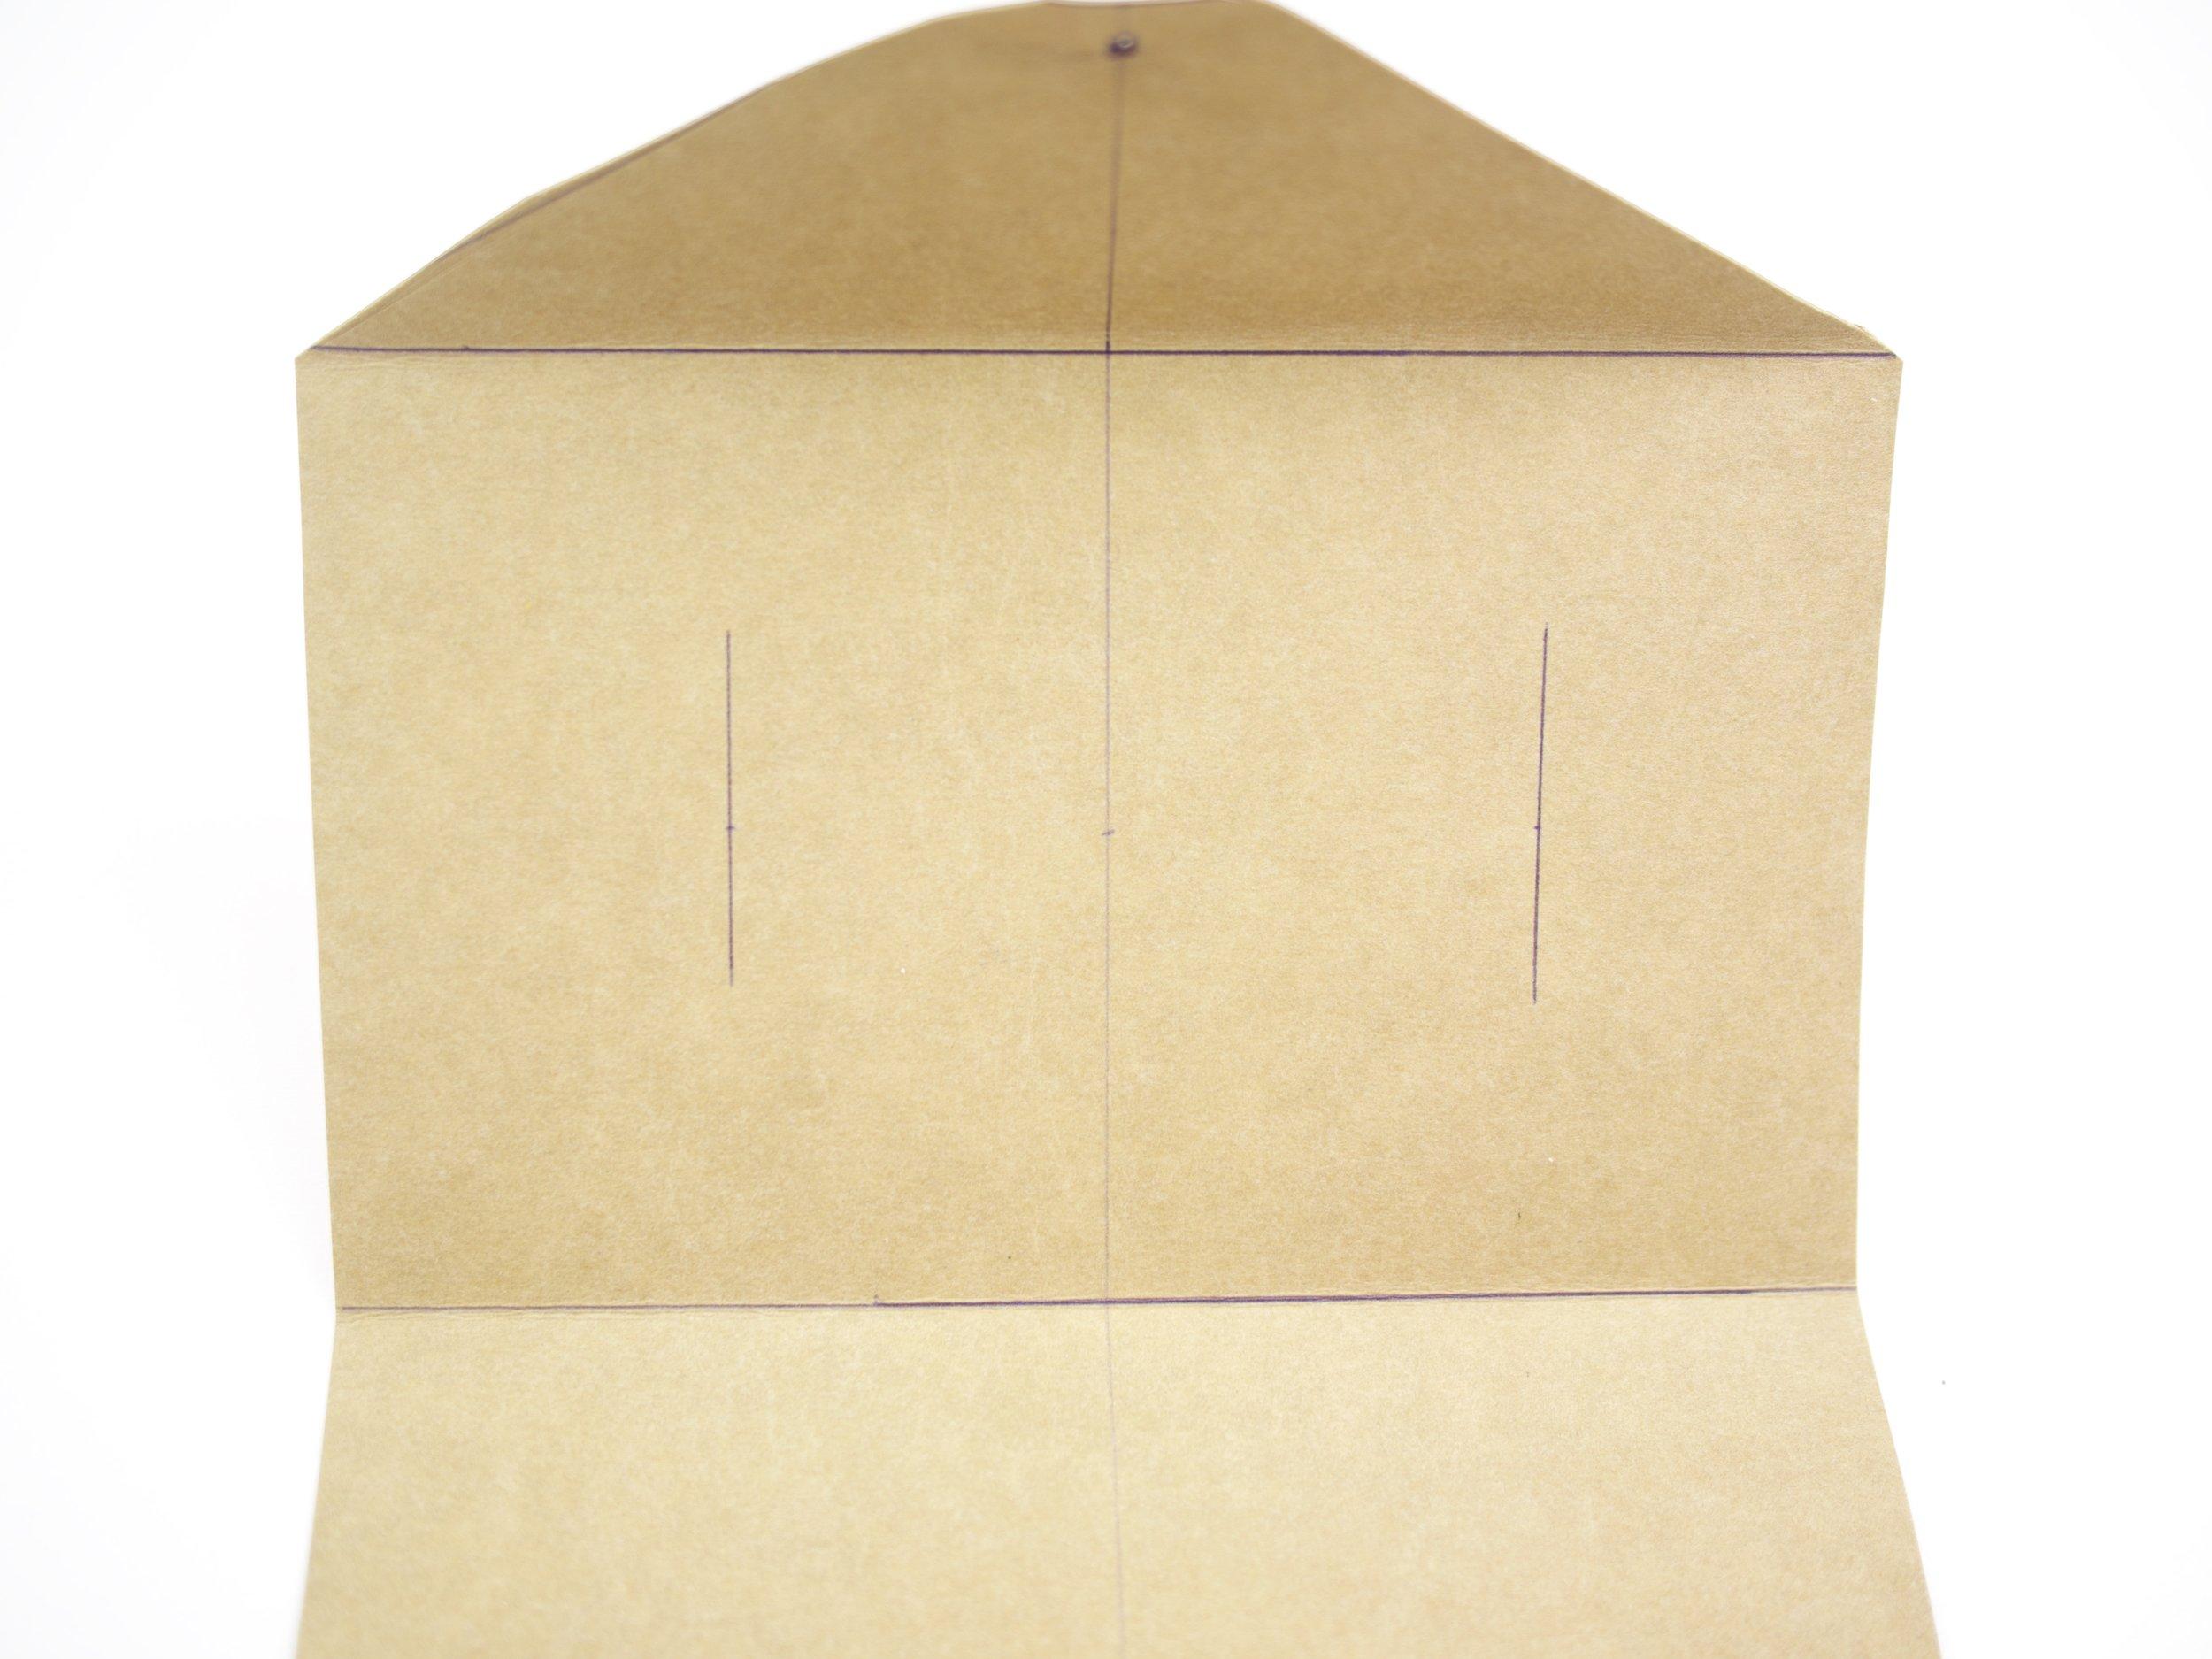 - Knickt das Taschenteil bei der Markierung 10 und 20 cm